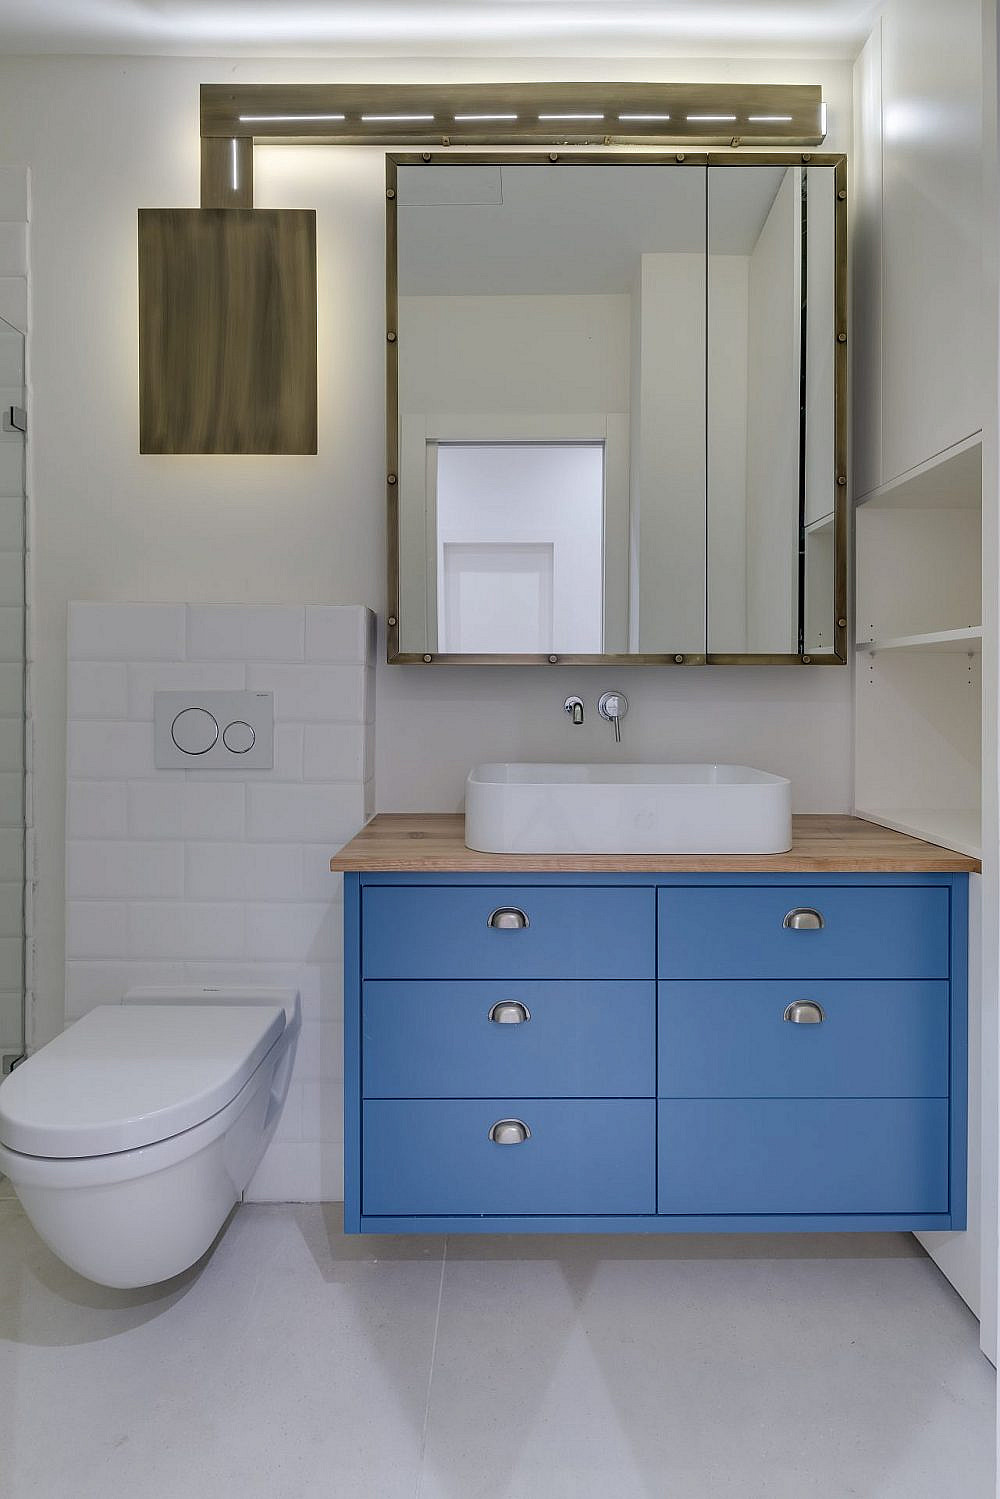 נגיעות כחול ששוברות את הצבעוניות המונוכרומטית | עיצוב ואדריכלות פנים: מיטל שחר, צילום: ליאור טייטלר